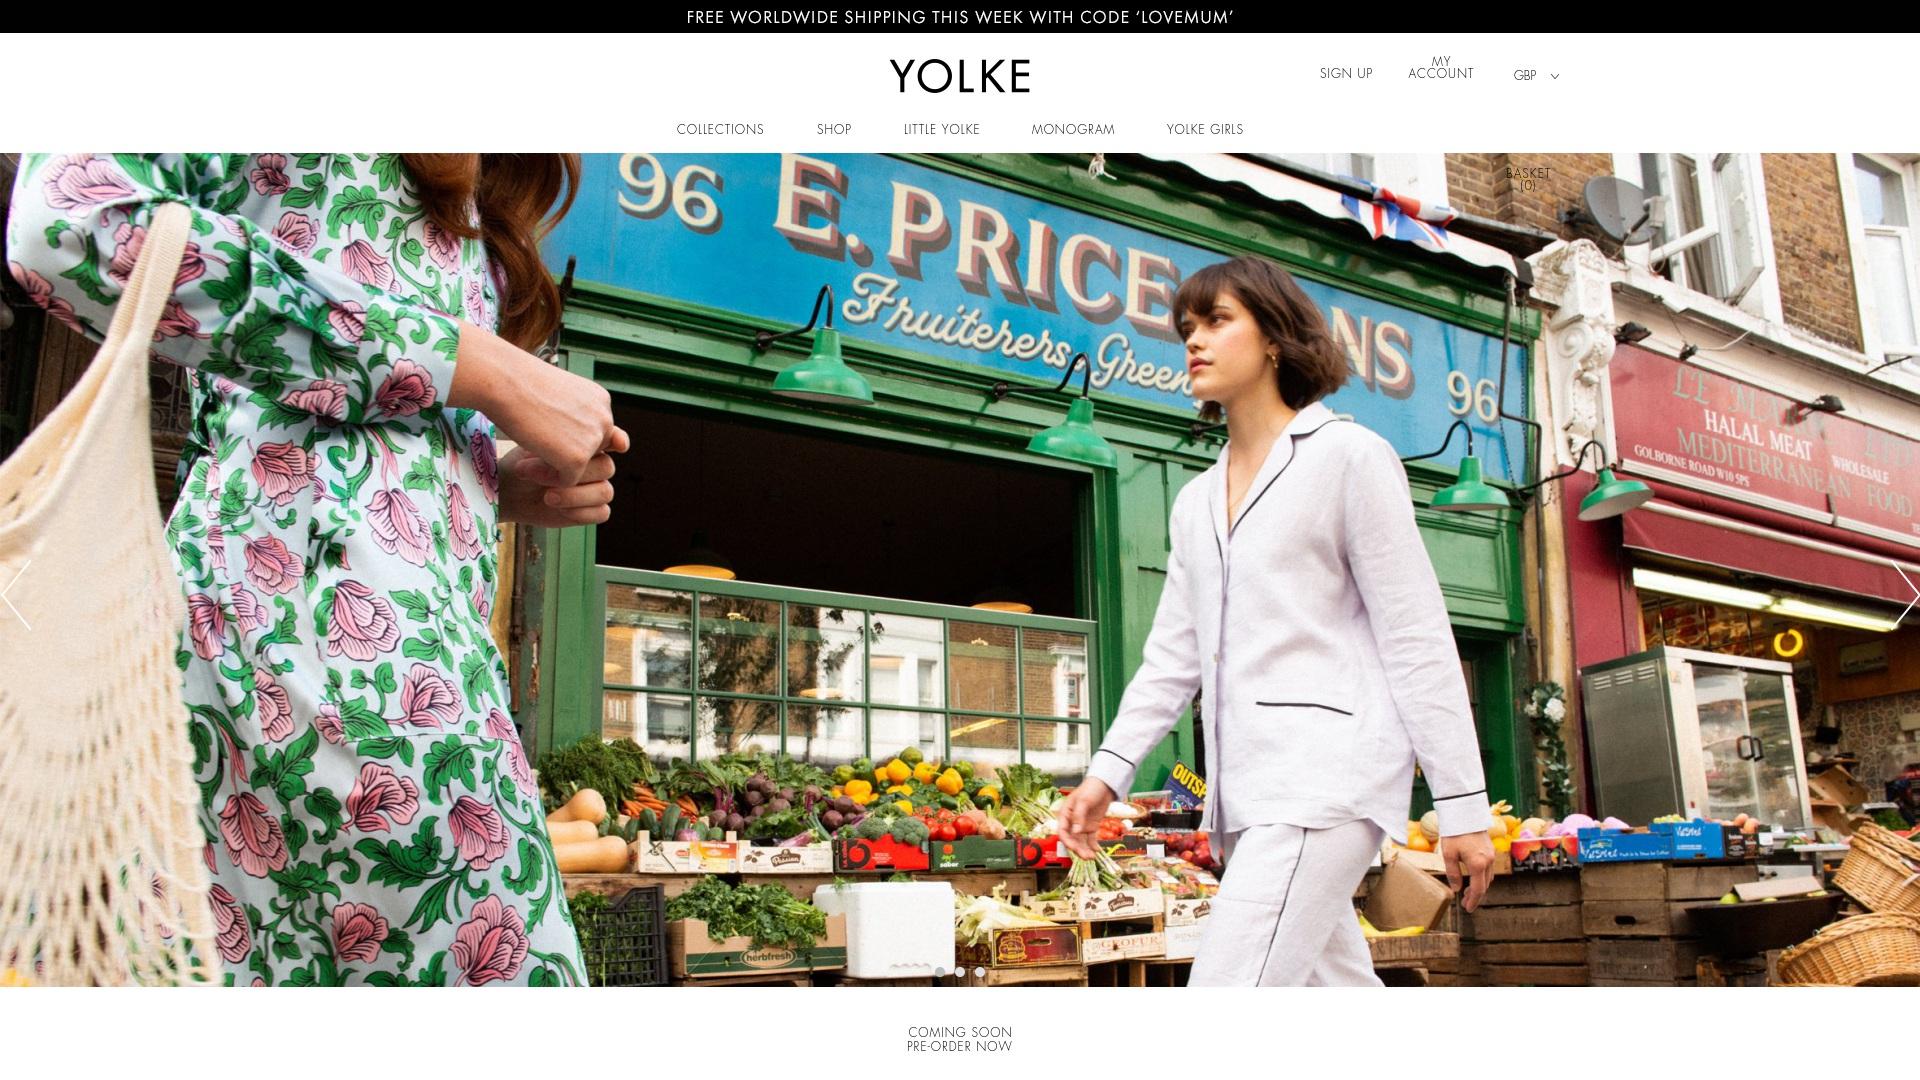 Gutschein für Yolke: Rabatte für  Yolke sichern